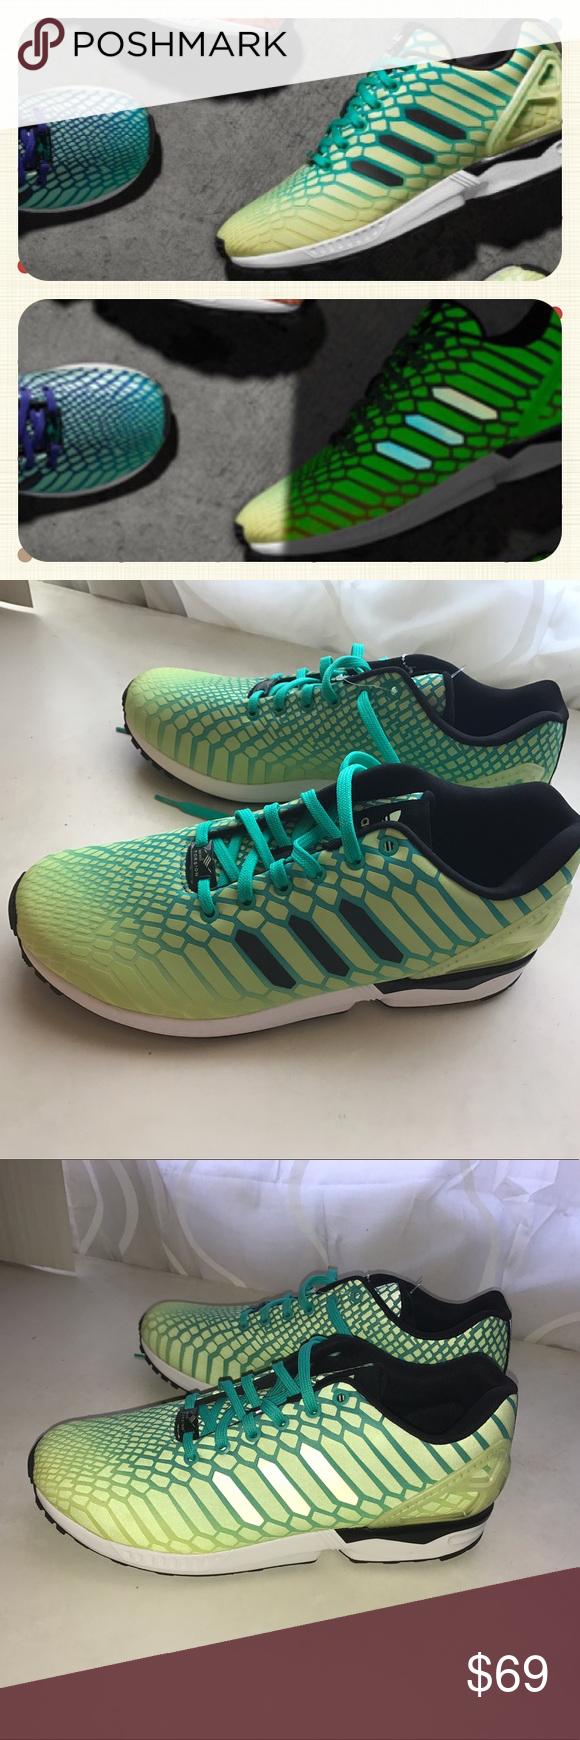 nuovo zx flusso fosforescente per uomini adidas zx flusso luminoso riflesso